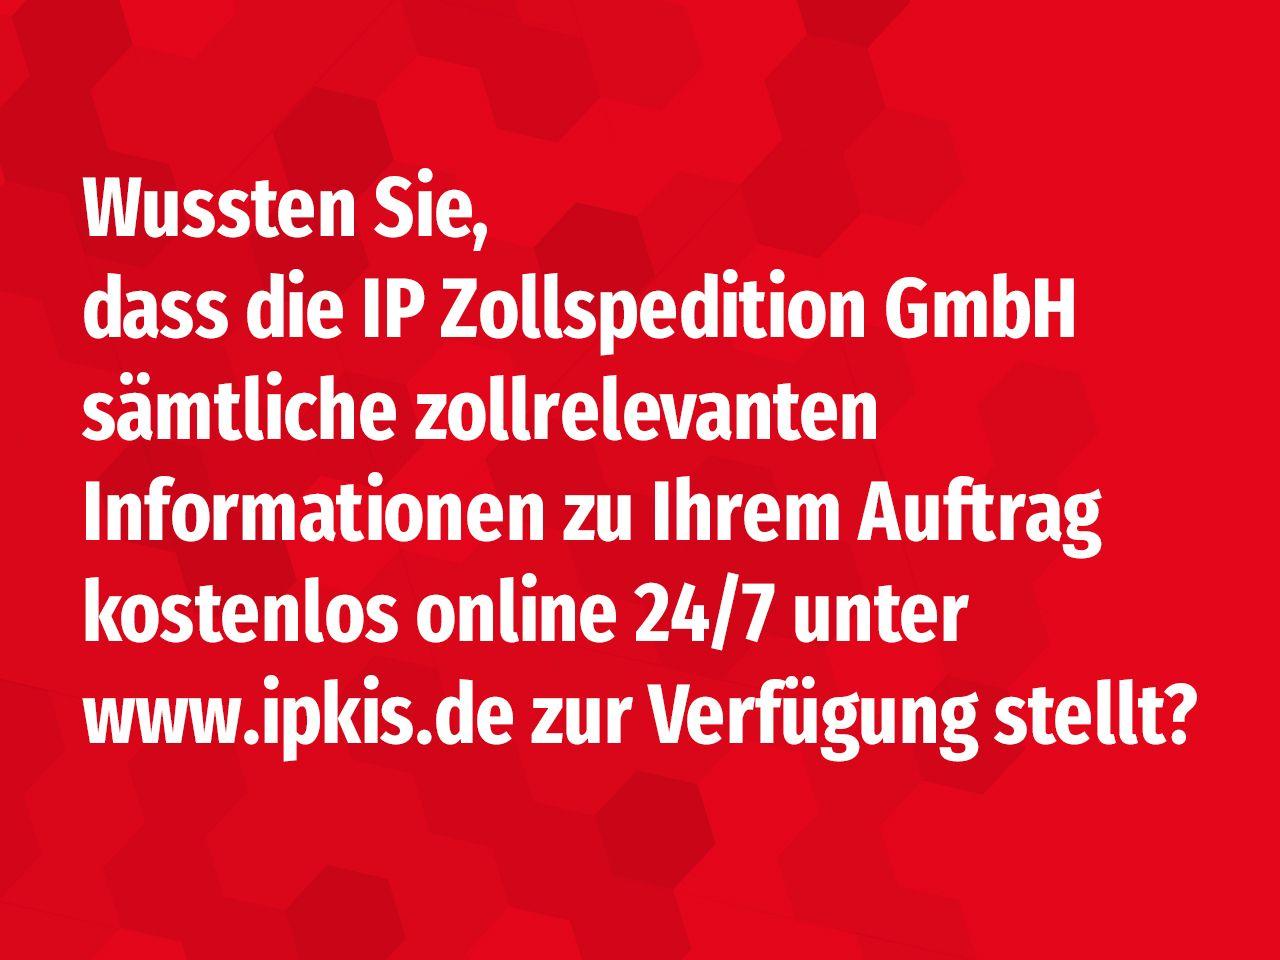 Wussten Sie, dass die IP Zollspedition GmbH sämtliche zollrelevanten Informationen zu Ihrem Auftrag kostenlos online 24/7 unter www.ipkis.de bereitstellt?